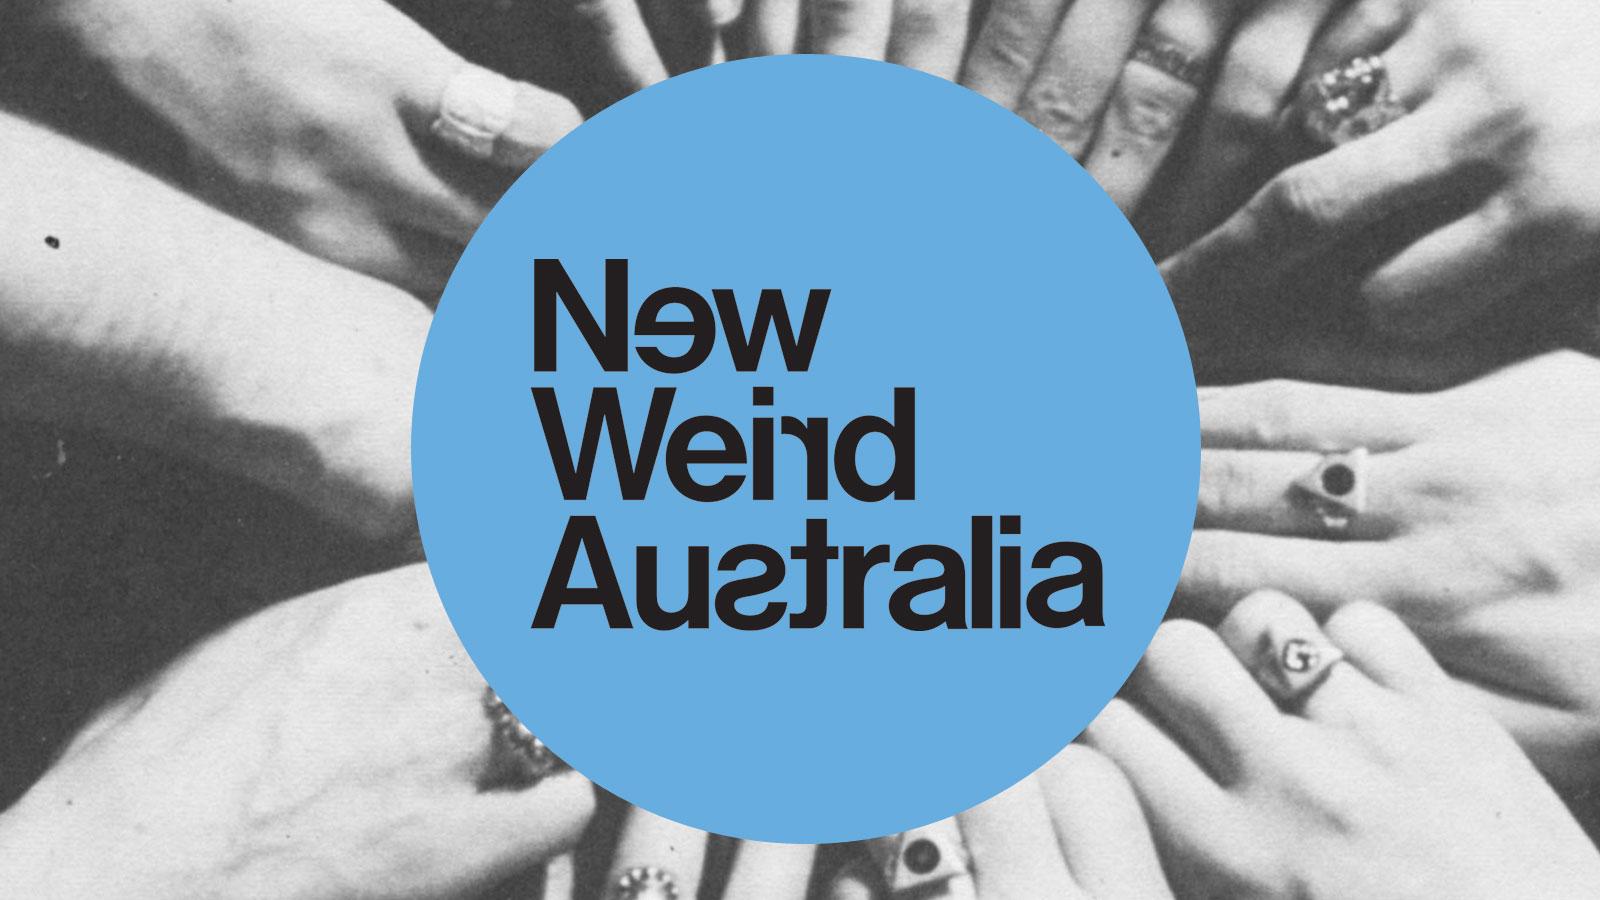 New Weird Australia